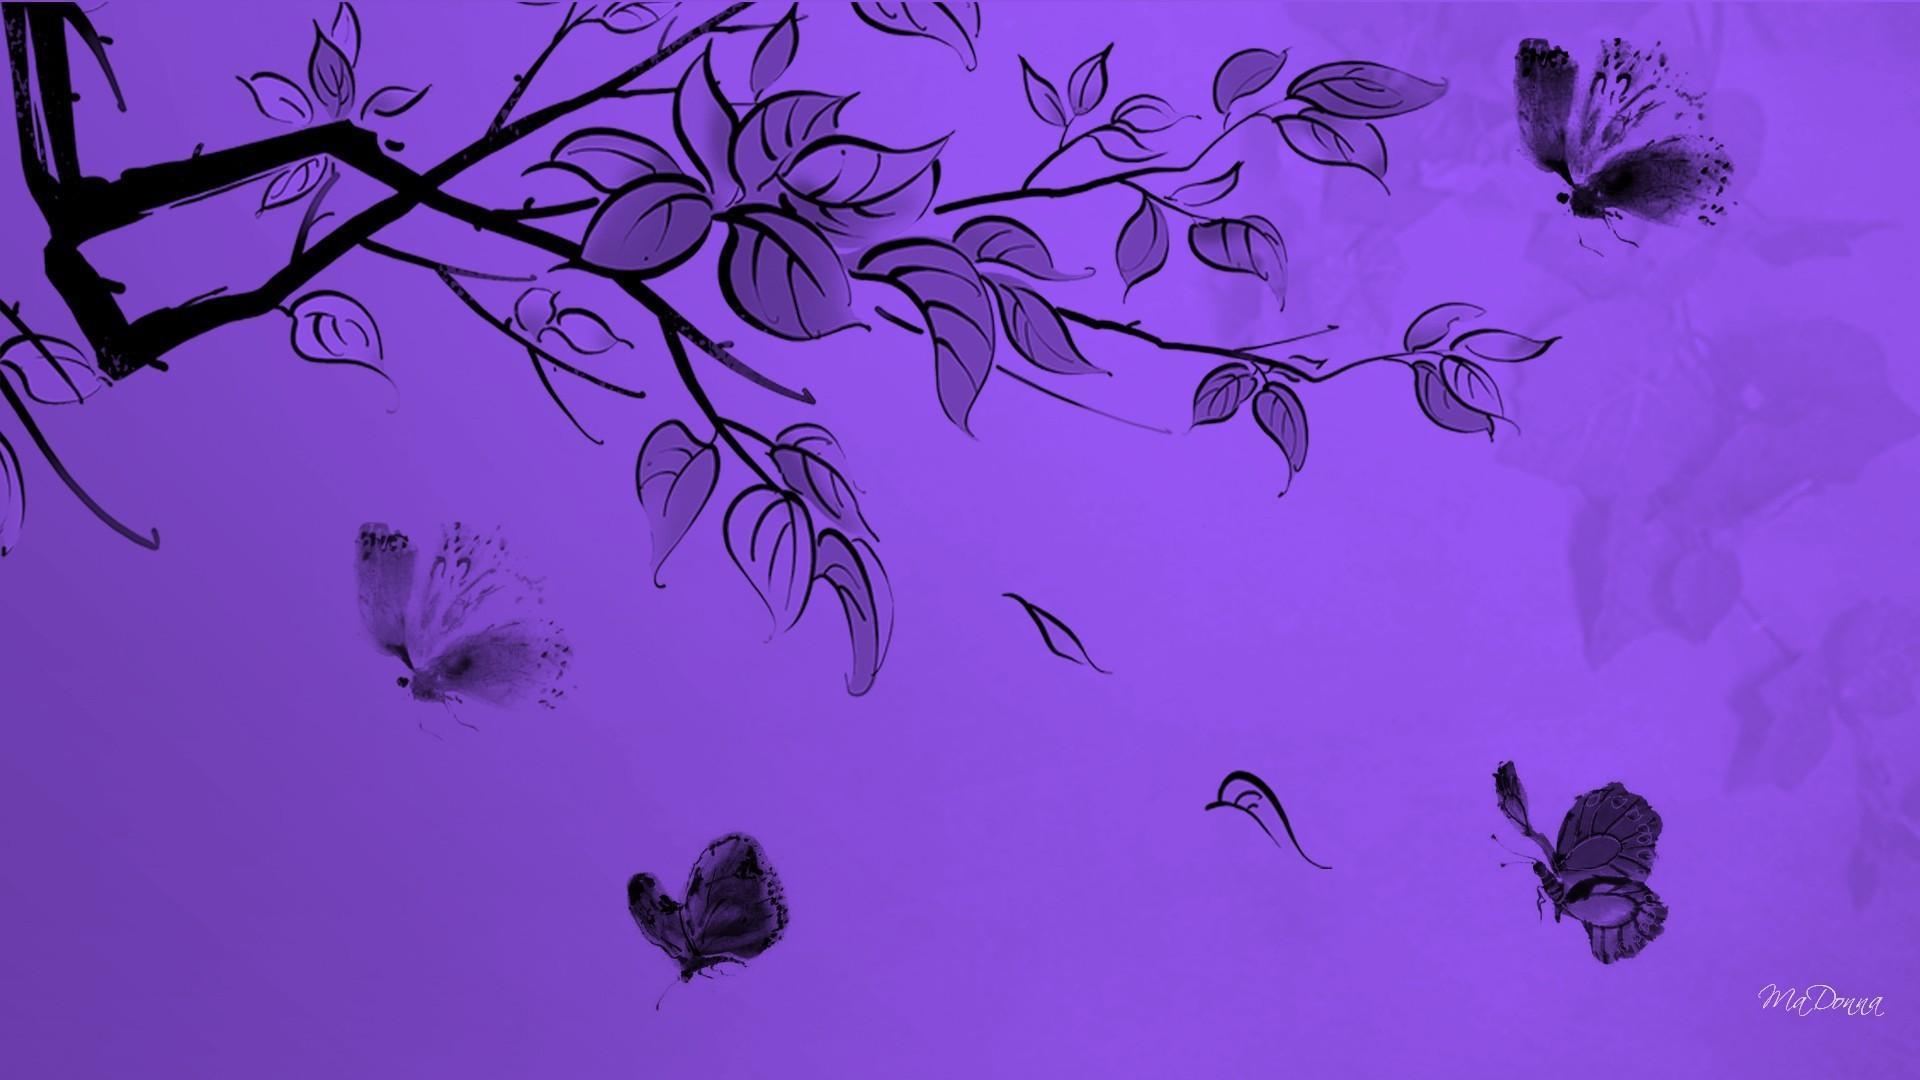 Kumpulan Wallpaper Kupu Kupu Cute Purple Wallpaper Computer 1920x1080 Download Hd Wallpaper Wallpapertip